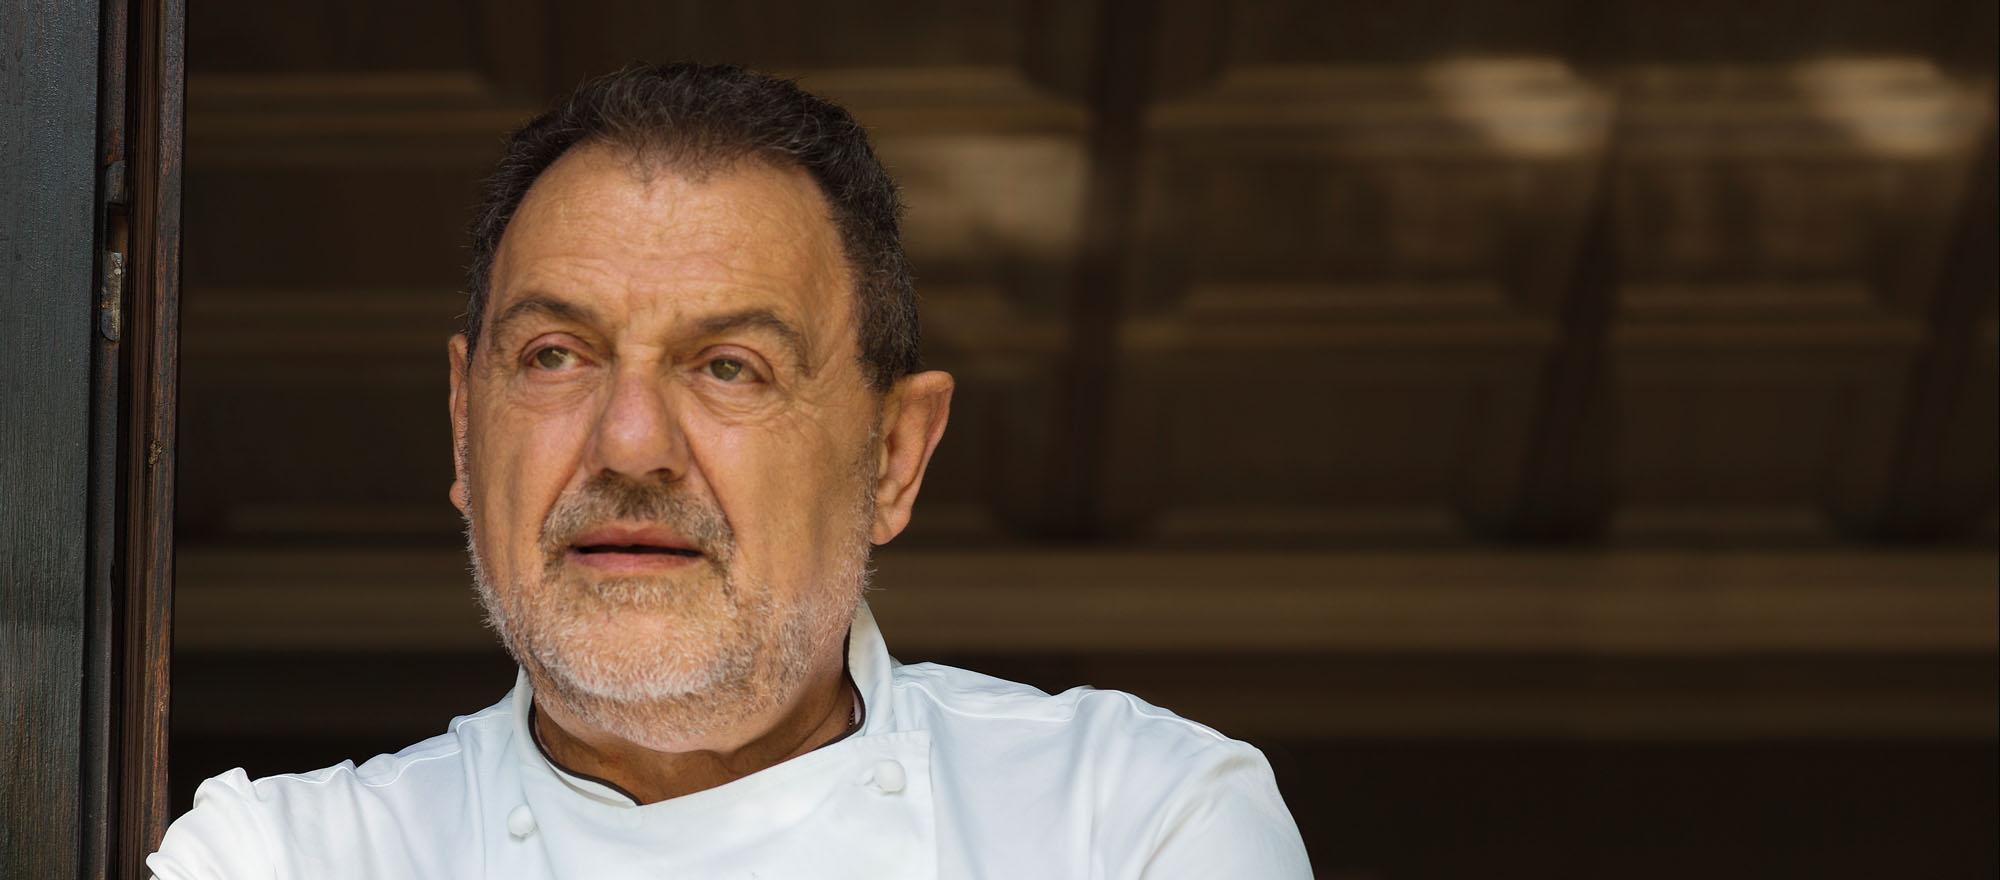 Gianfranco Vissani - Il burbero dal cuore di burro